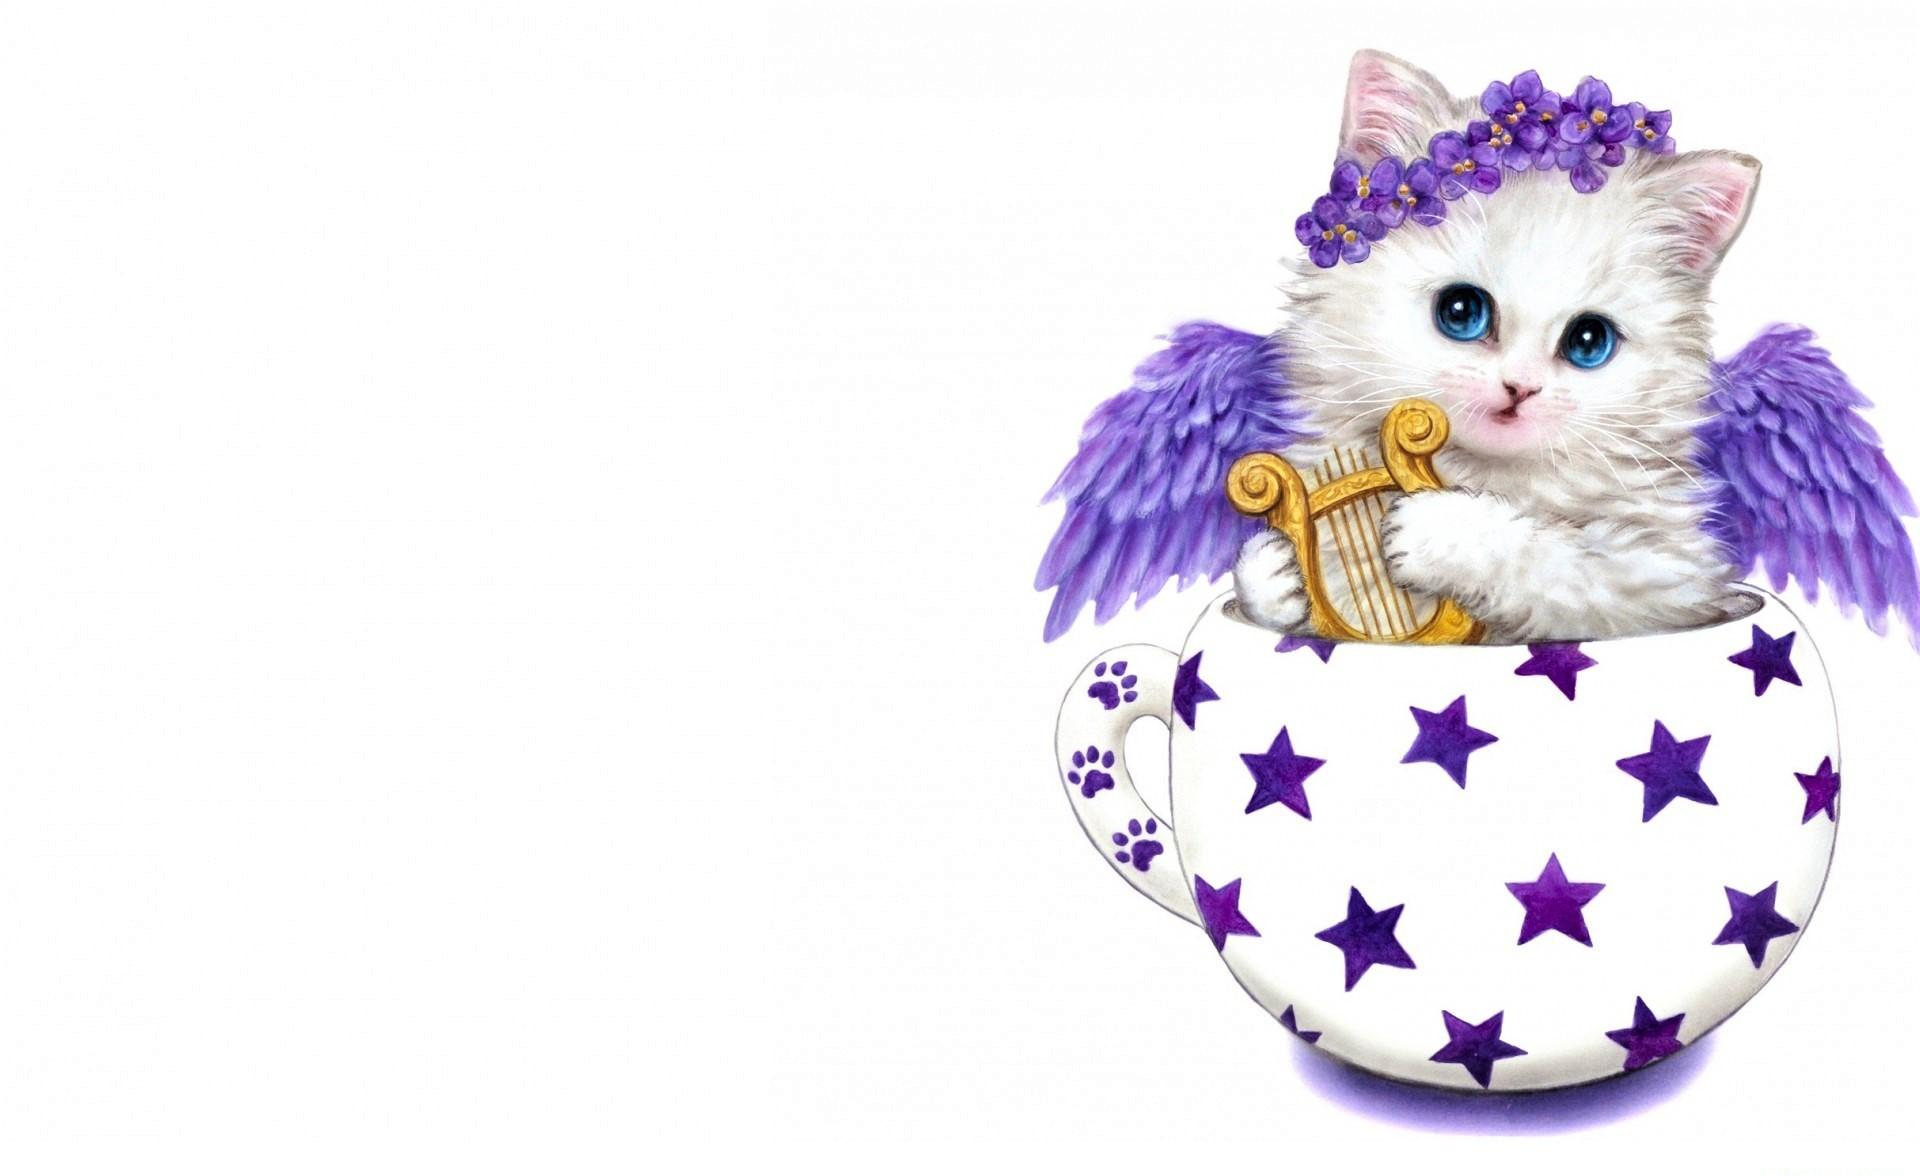 Angel Artistic Cup Harp Kitten Purple Wings Wreath ...